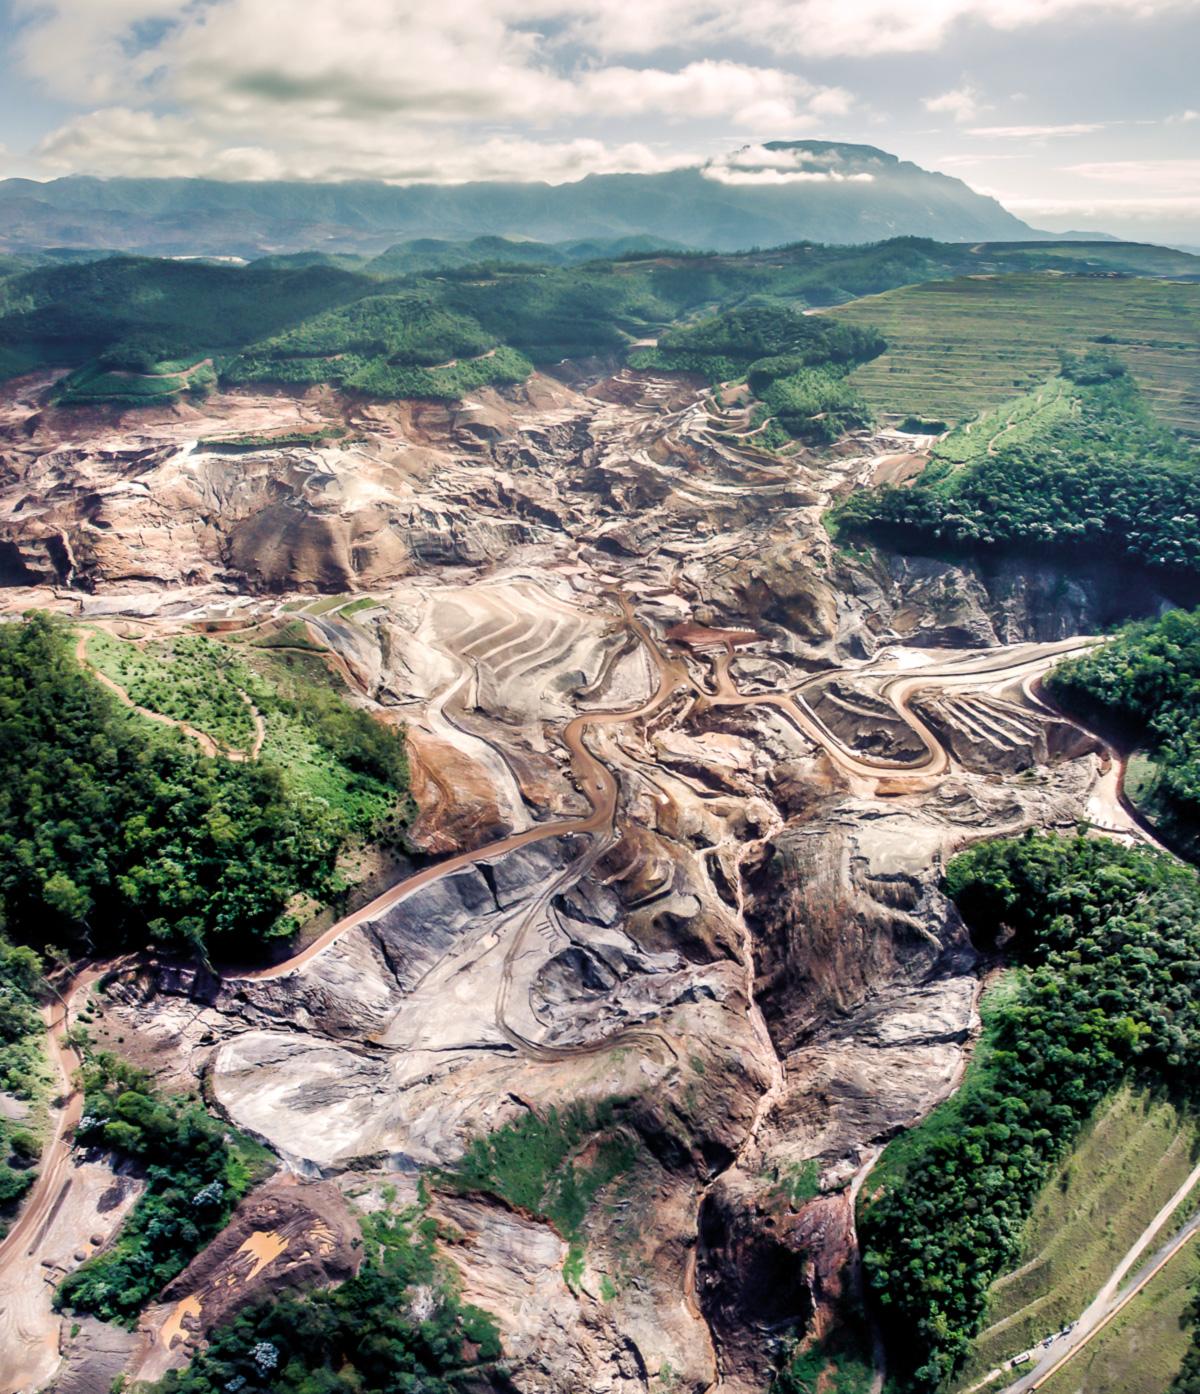 O volume de rejeitos armazenado na barragem de Fundão correspondia a quase dez vezes o volume da Lagoa Rodrigo de Freitas; veio tudo abaixo